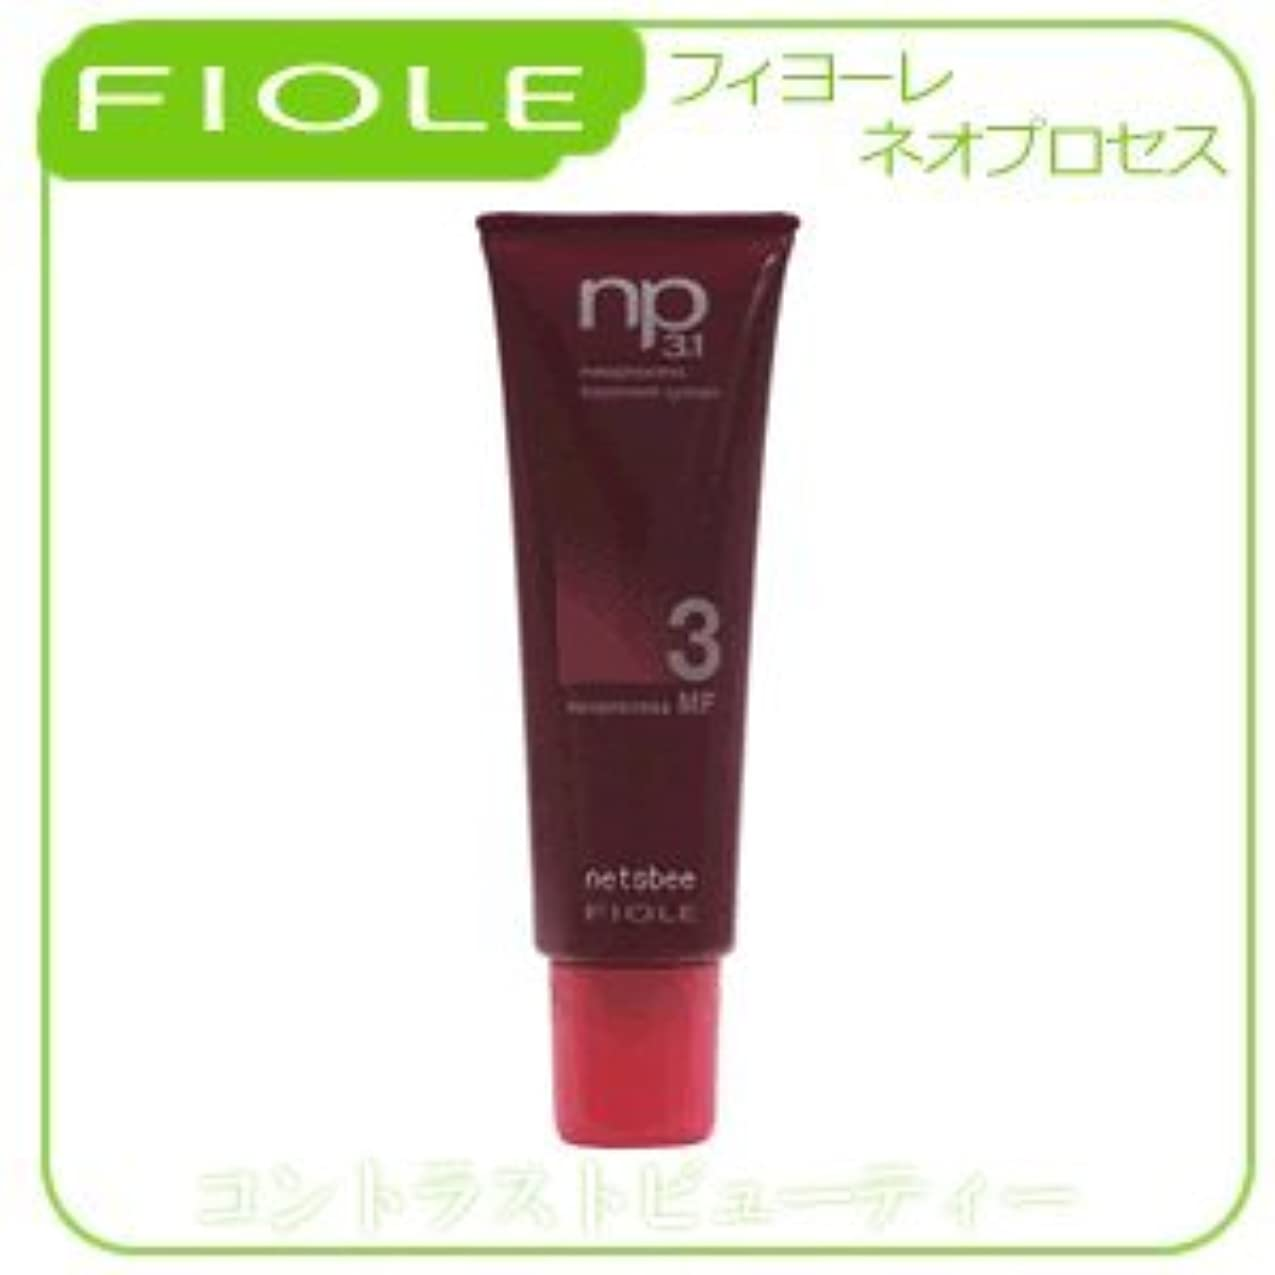 引退した内訳石【X2個セット】 フィヨーレ NP3.1 ネオプロセス MF3 130g FIOLE ネオプロセス